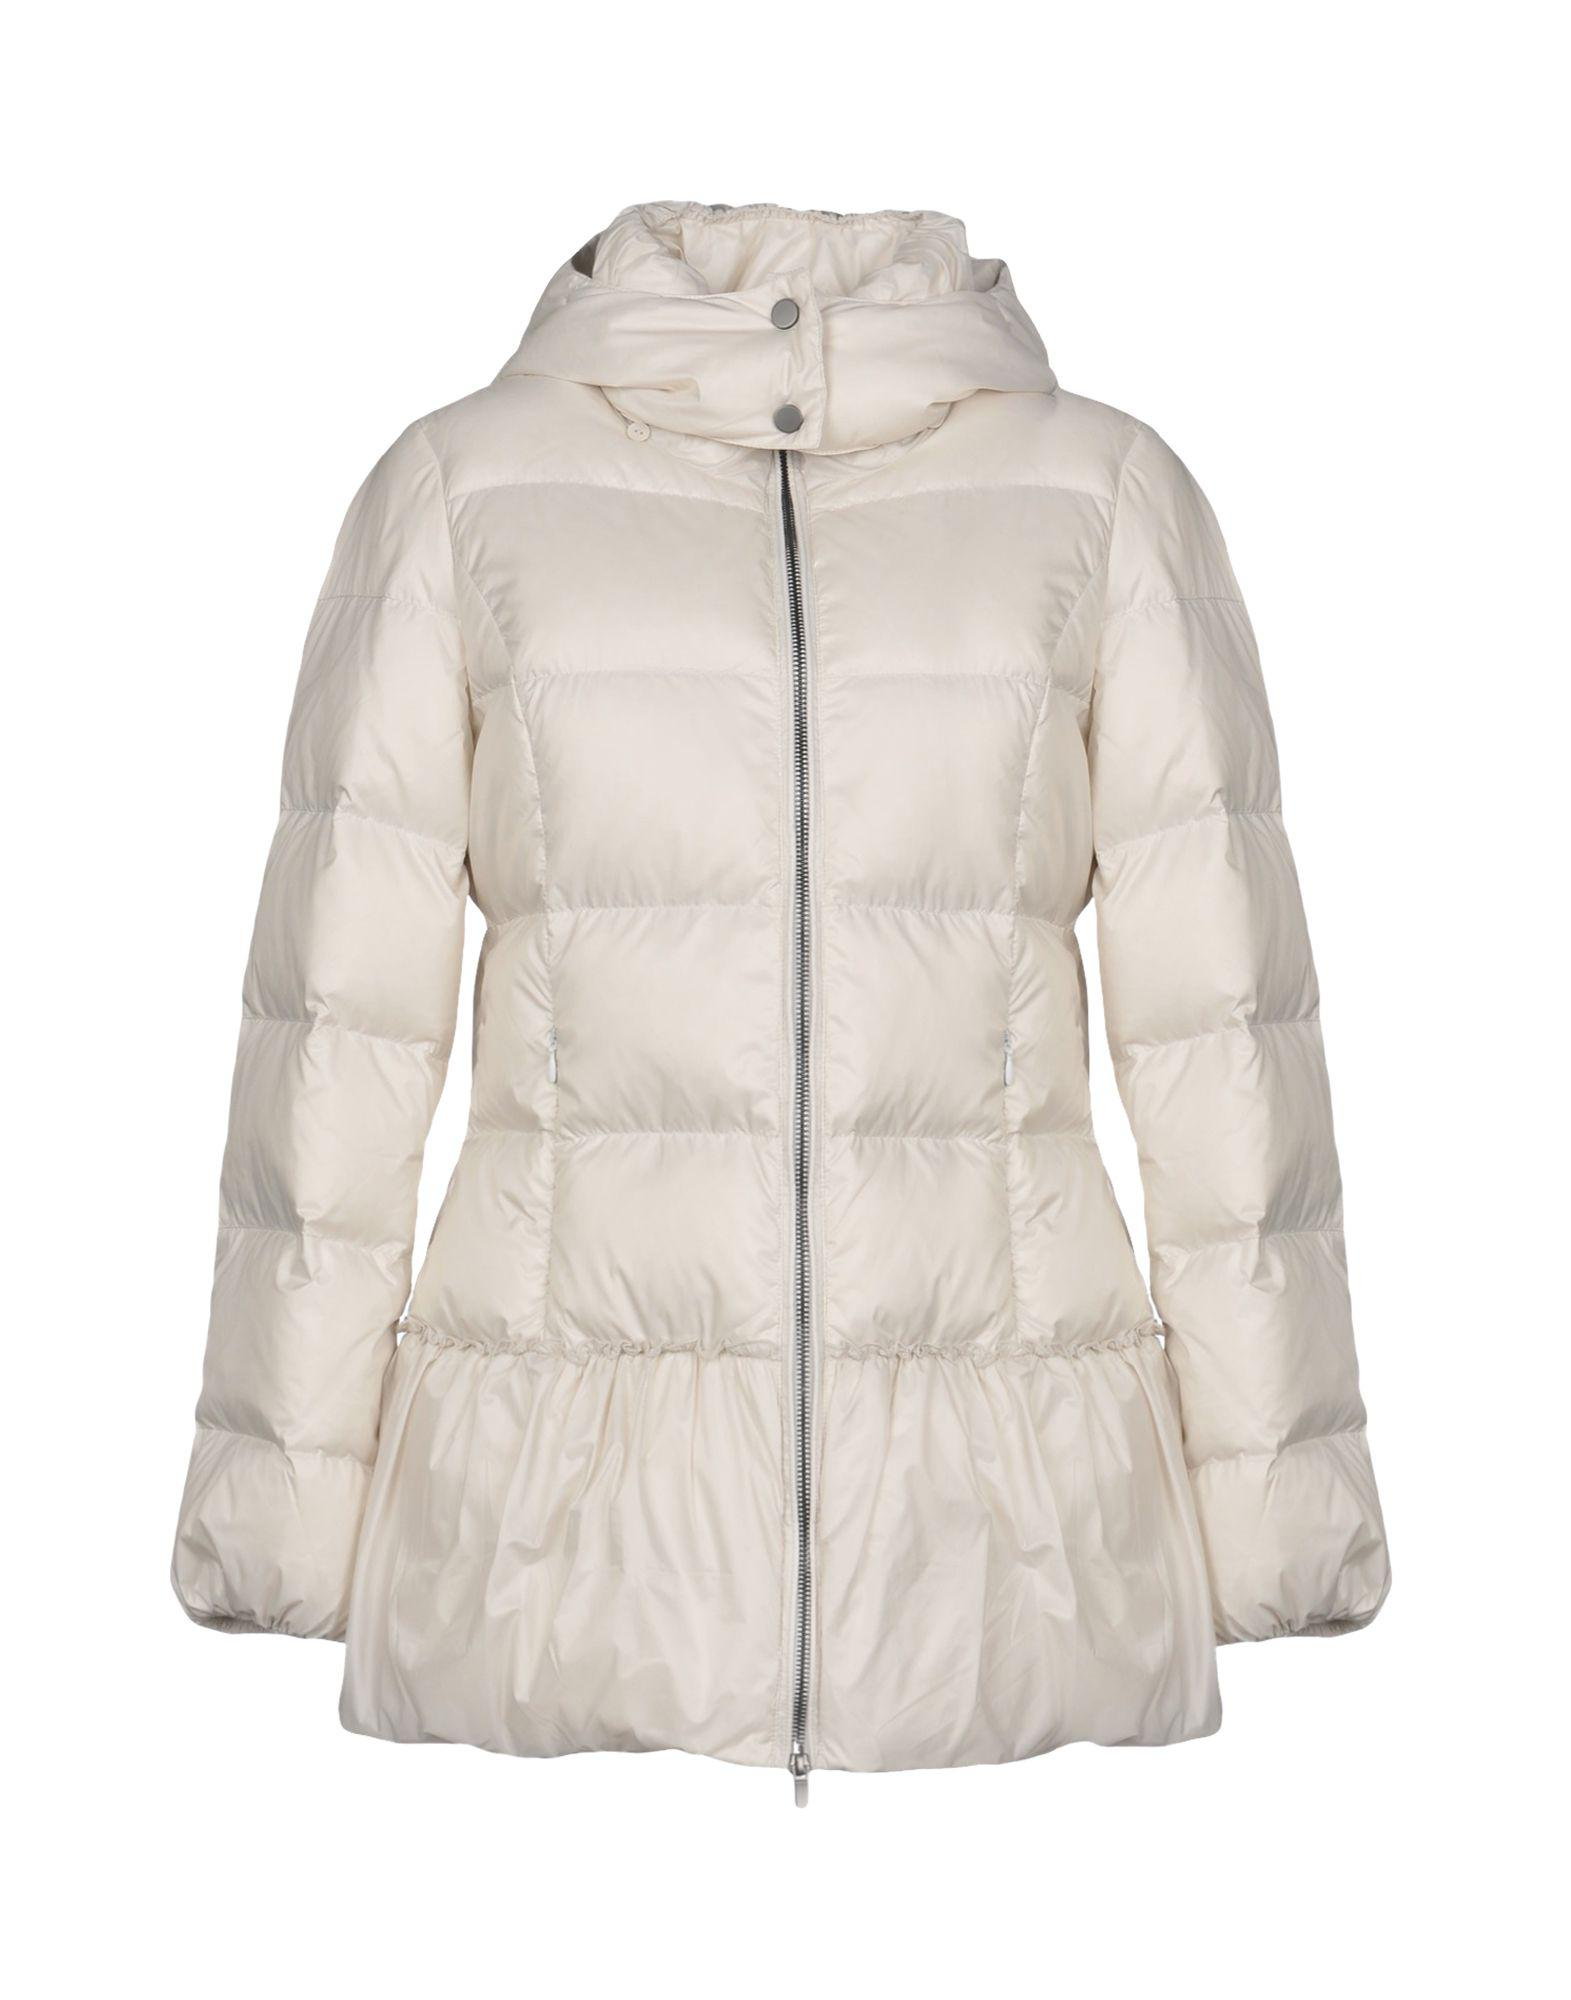 Lyst - Doudoune Stefanel en coloris Blanc 85addc1fcb2